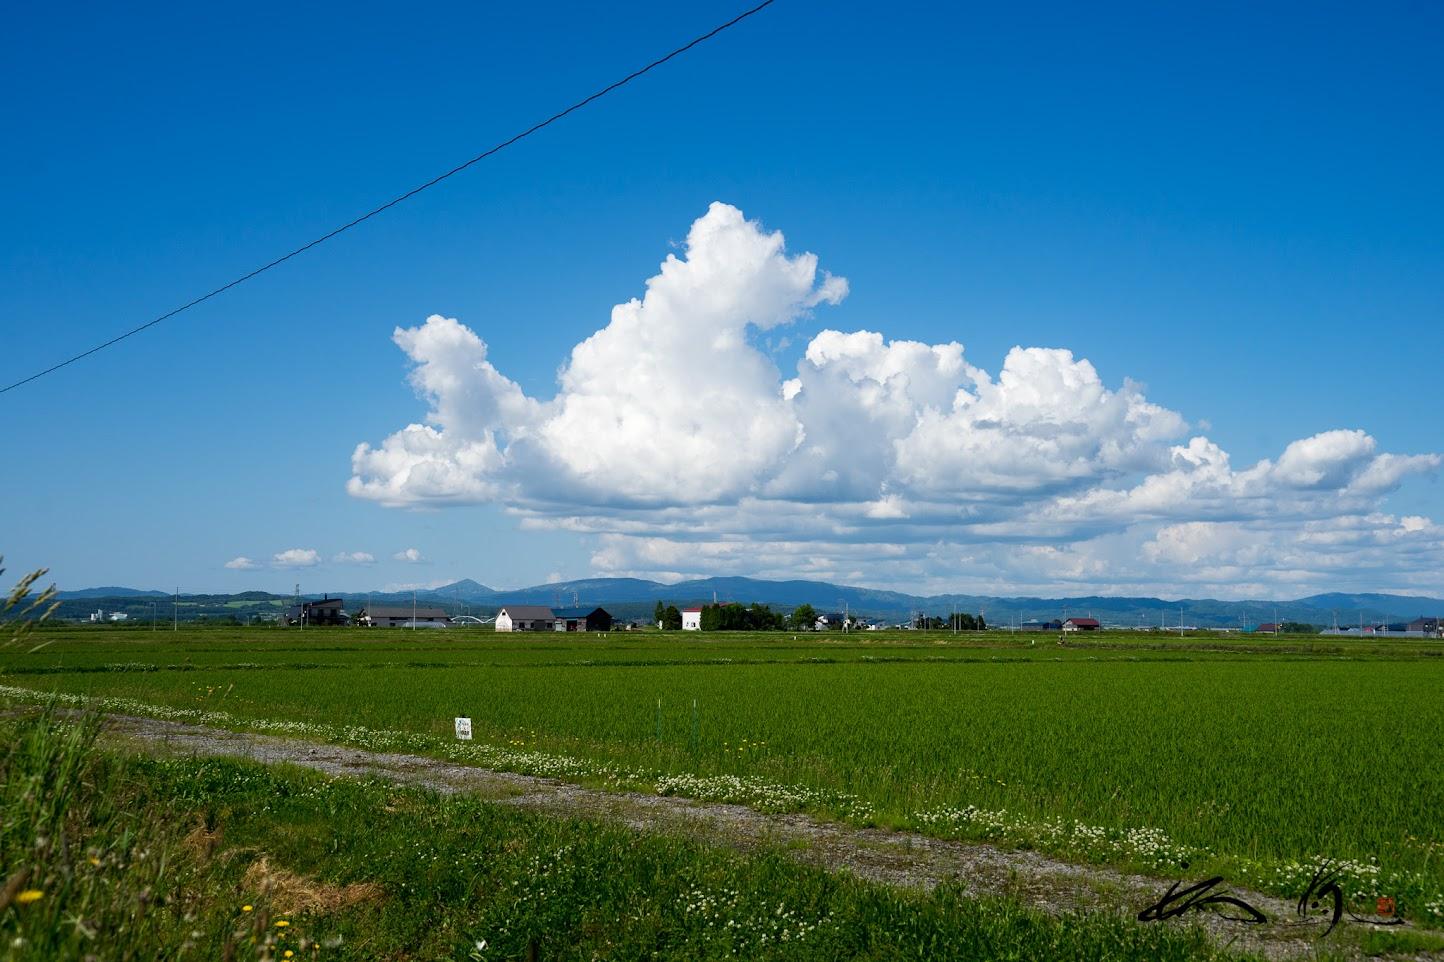 「がんばれよ〜」と声援する空の雲さん